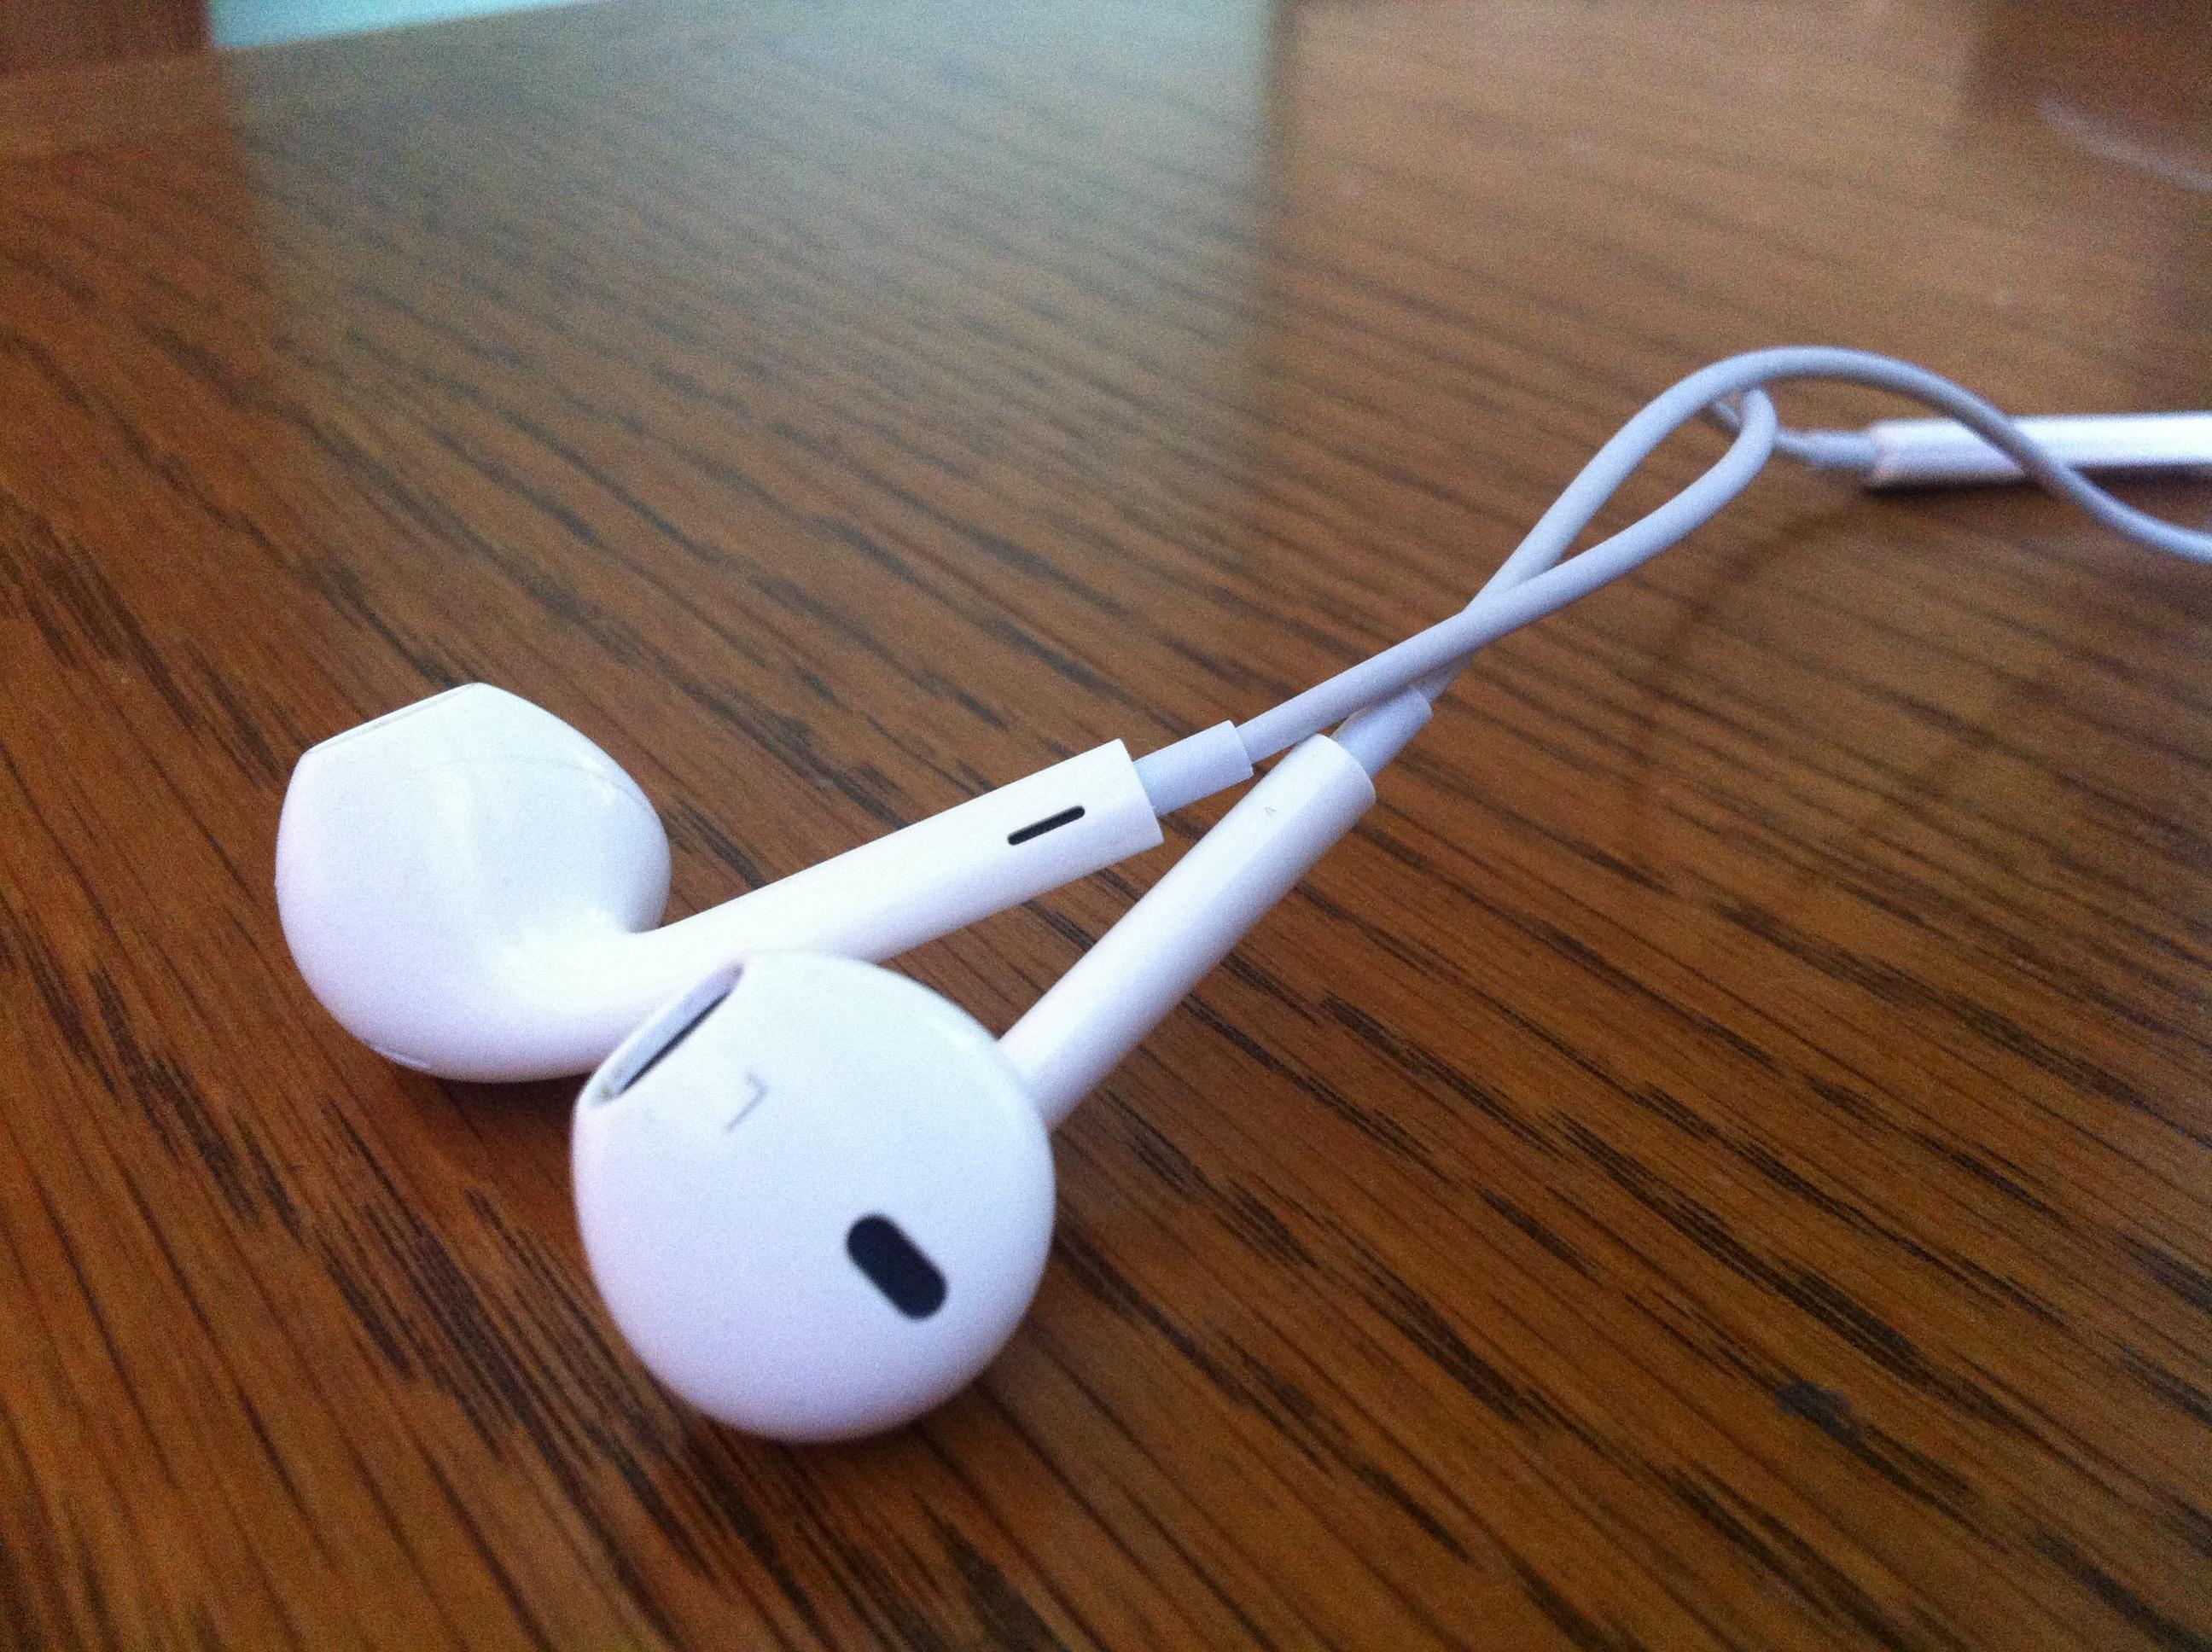 Pranie pchełek od Apple – czyli dużo dobrego o małym w debiutanckim wpisie na blog forum